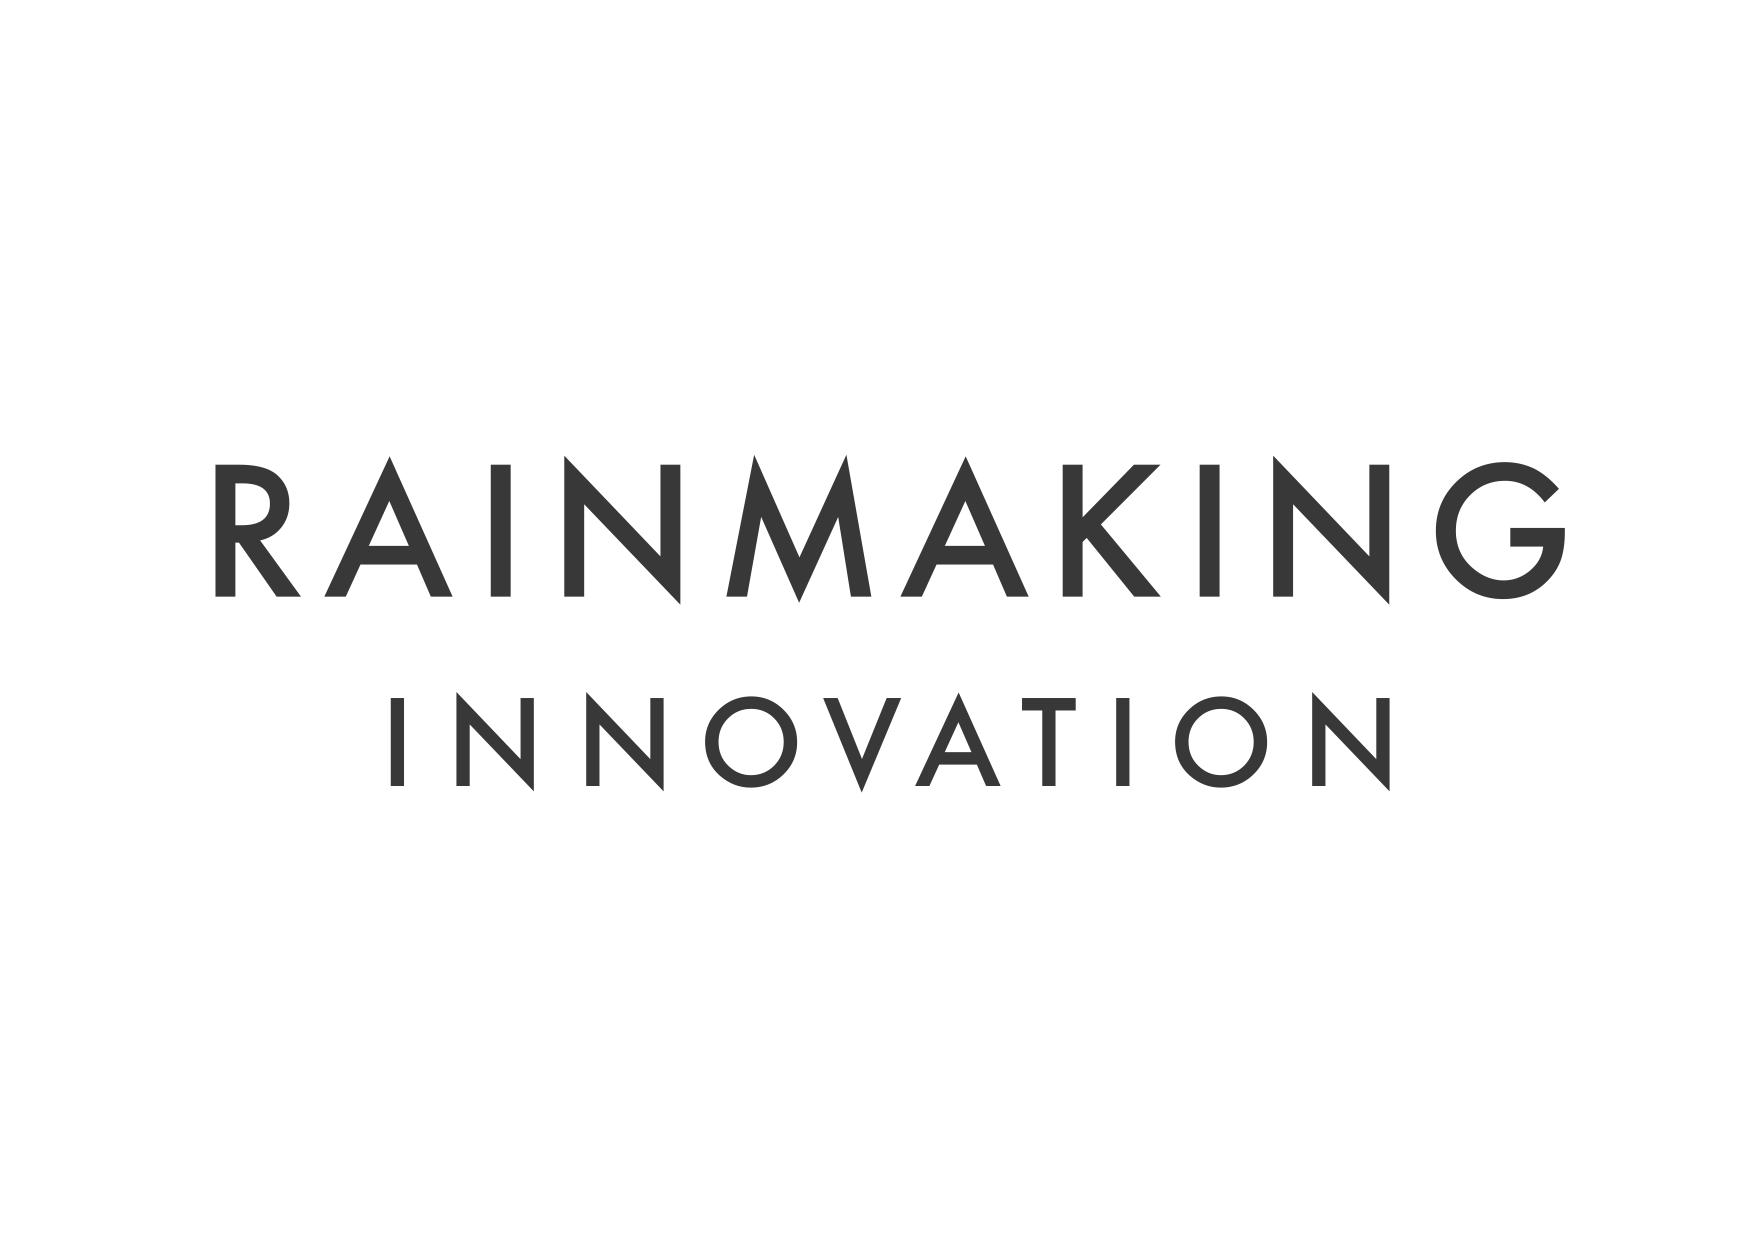 Rainmaking Innovation company logo